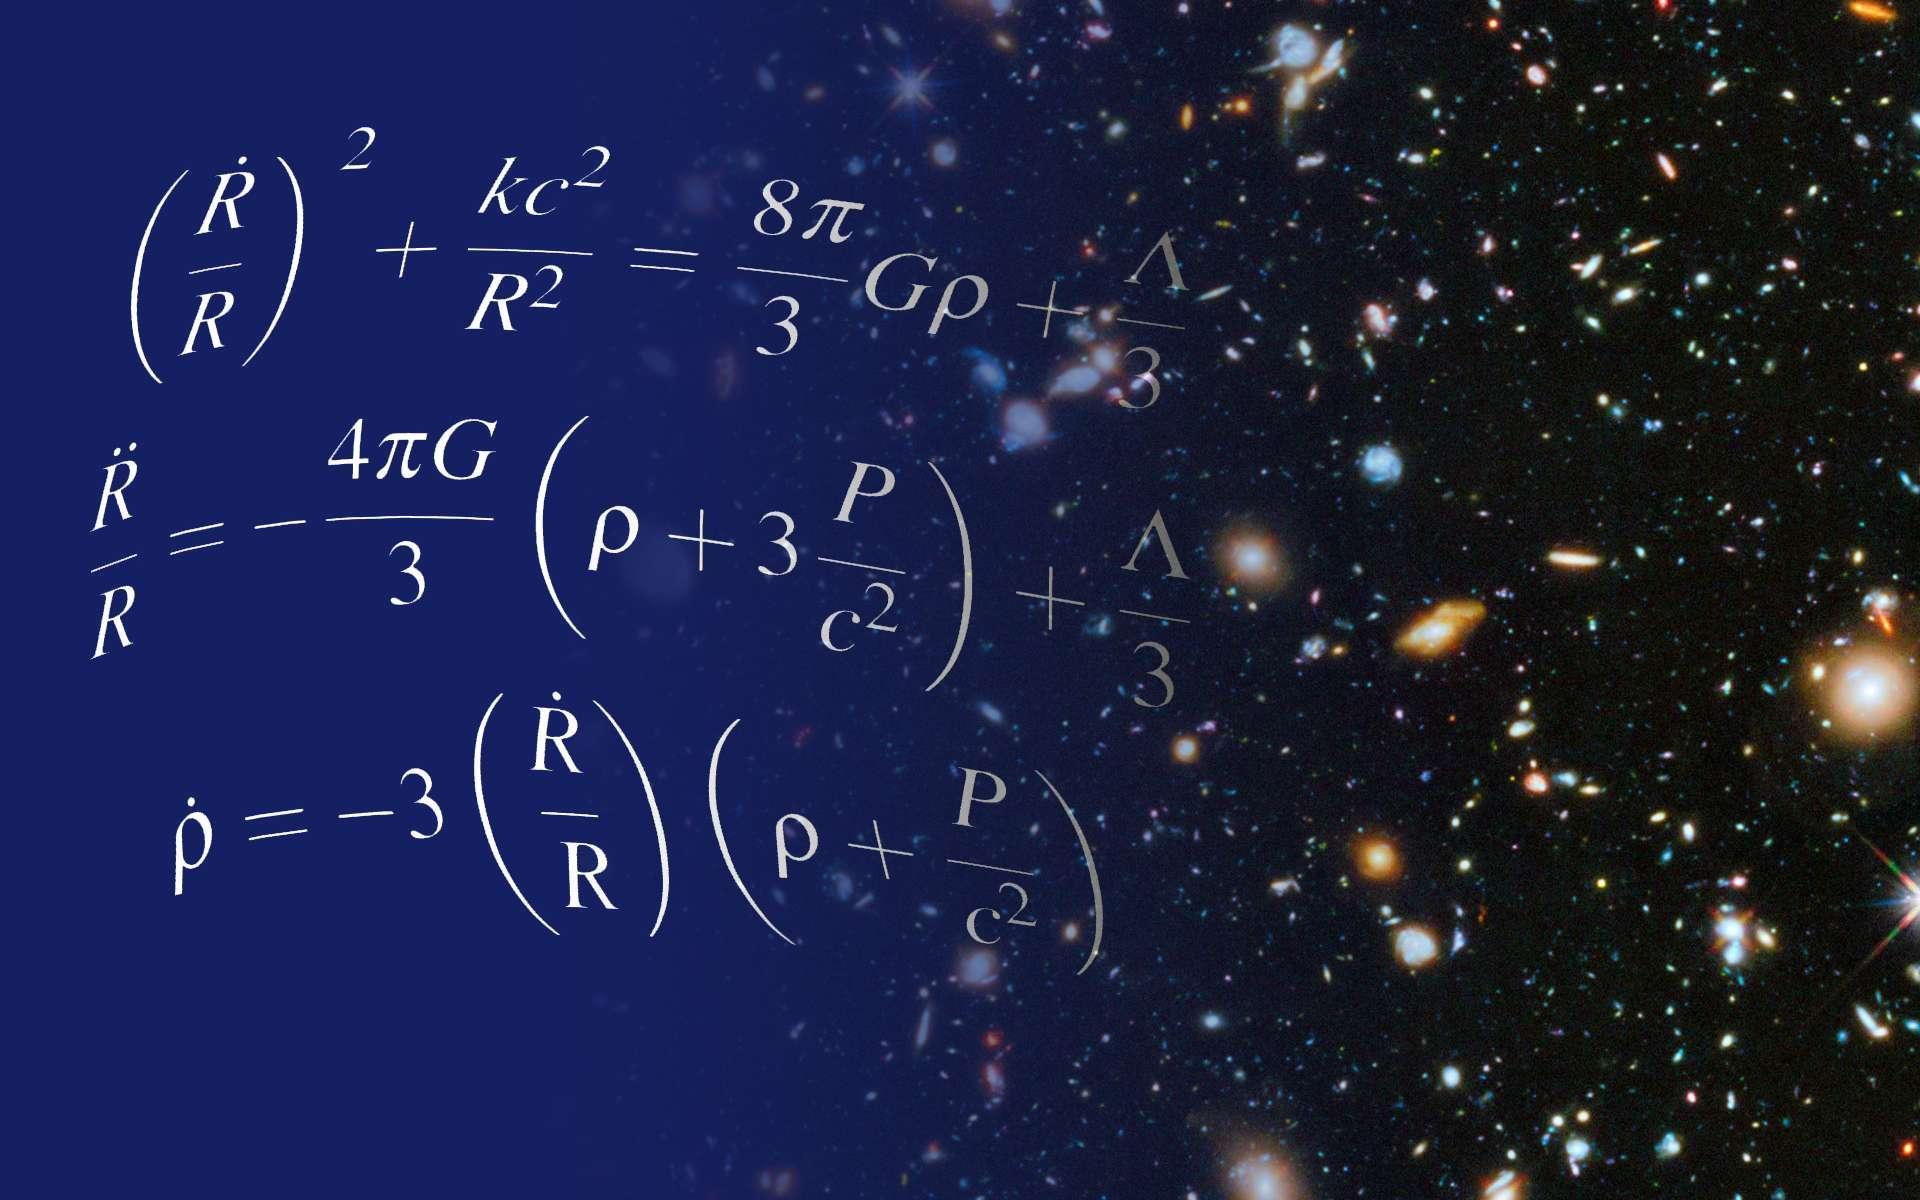 Les équations d'Einstein pour la cosmologie du modèle standard contiennent un terme décrivant ce que l'on peut interpréter comme une énergie particulière dans l'Univers. L'étude des galaxies a montré que ce terme existait bien, on dit souvent qu'il s'agit de l'énergie noire, qui accélère l'expansion du cosmos depuis quelques milliards d'années. © Shane L. Larson